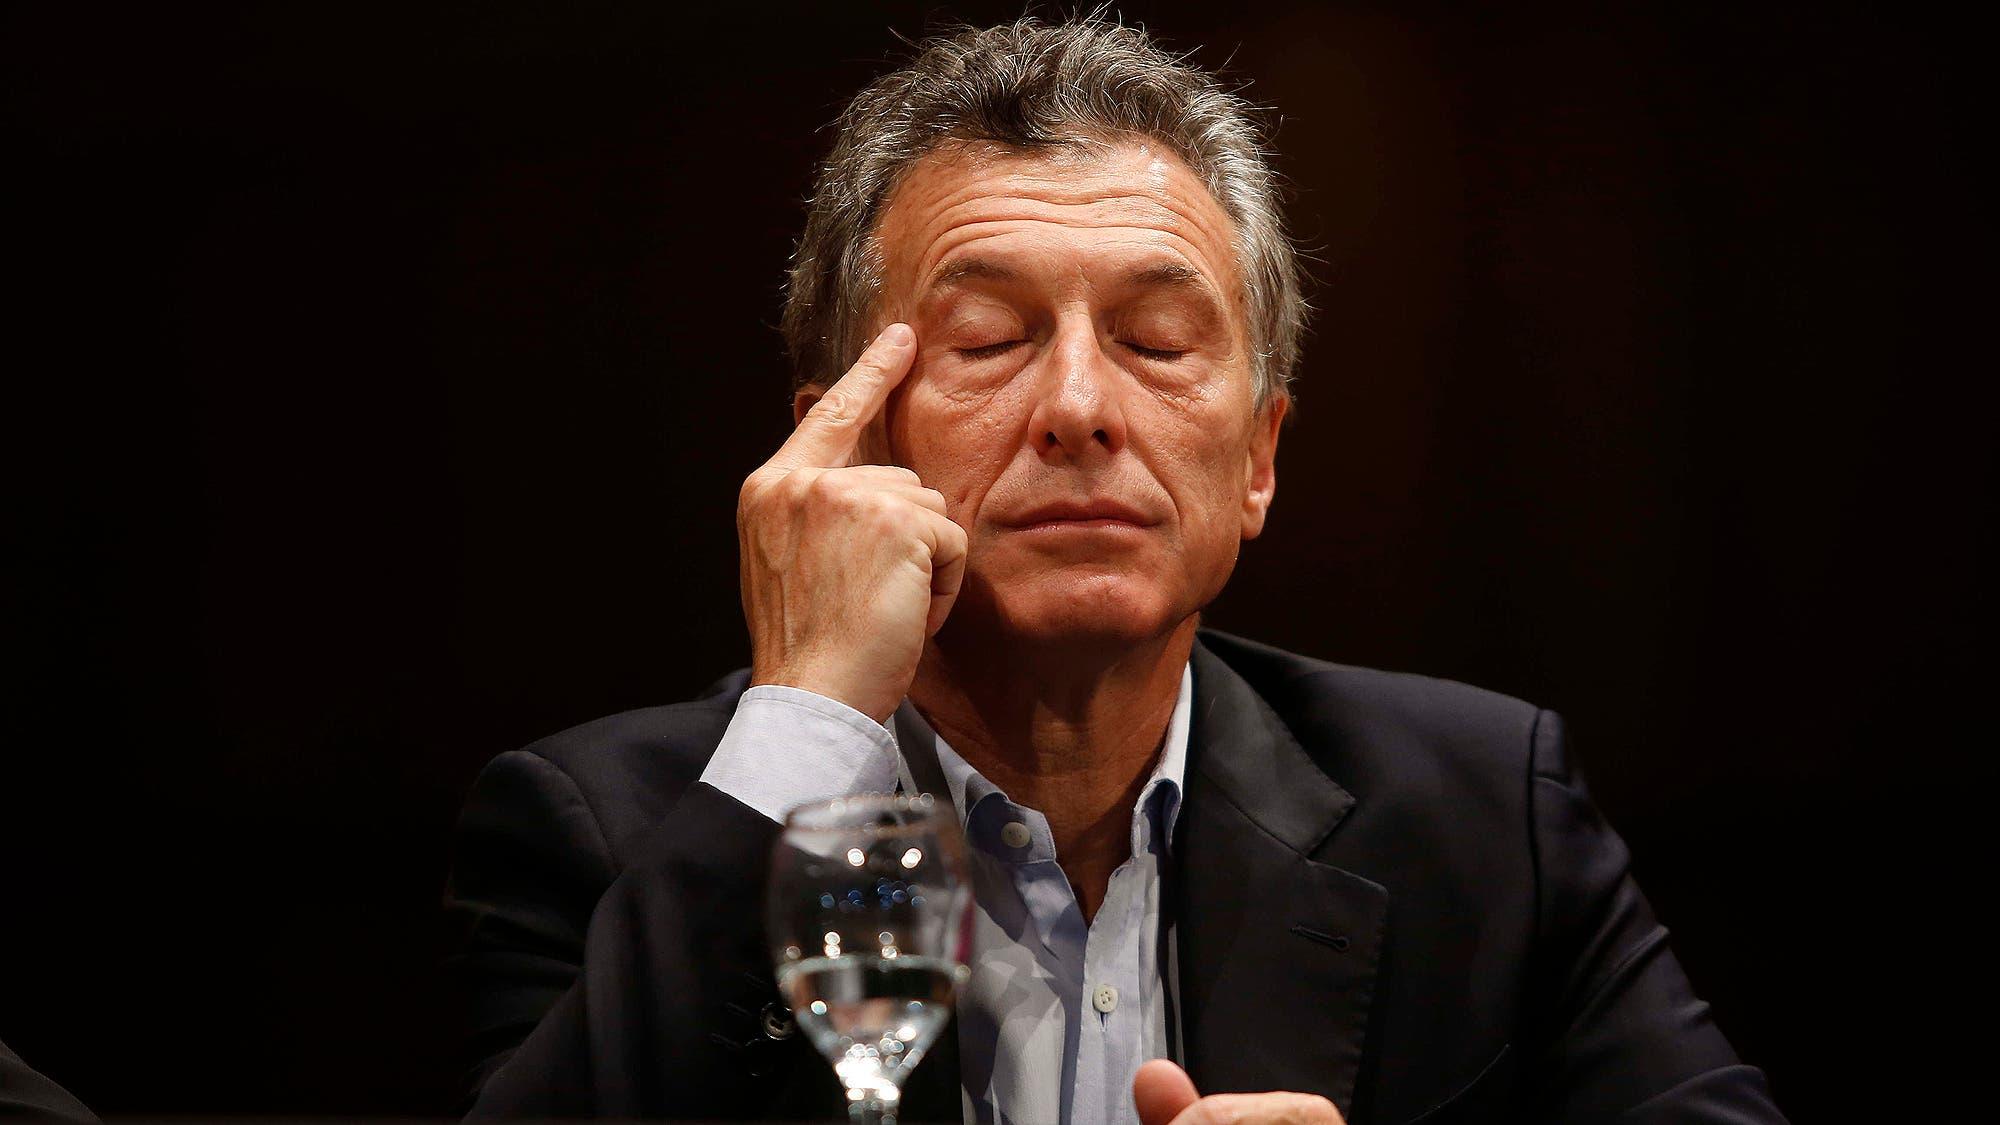 El presidente Mauricio Macri renuncia inesperademente